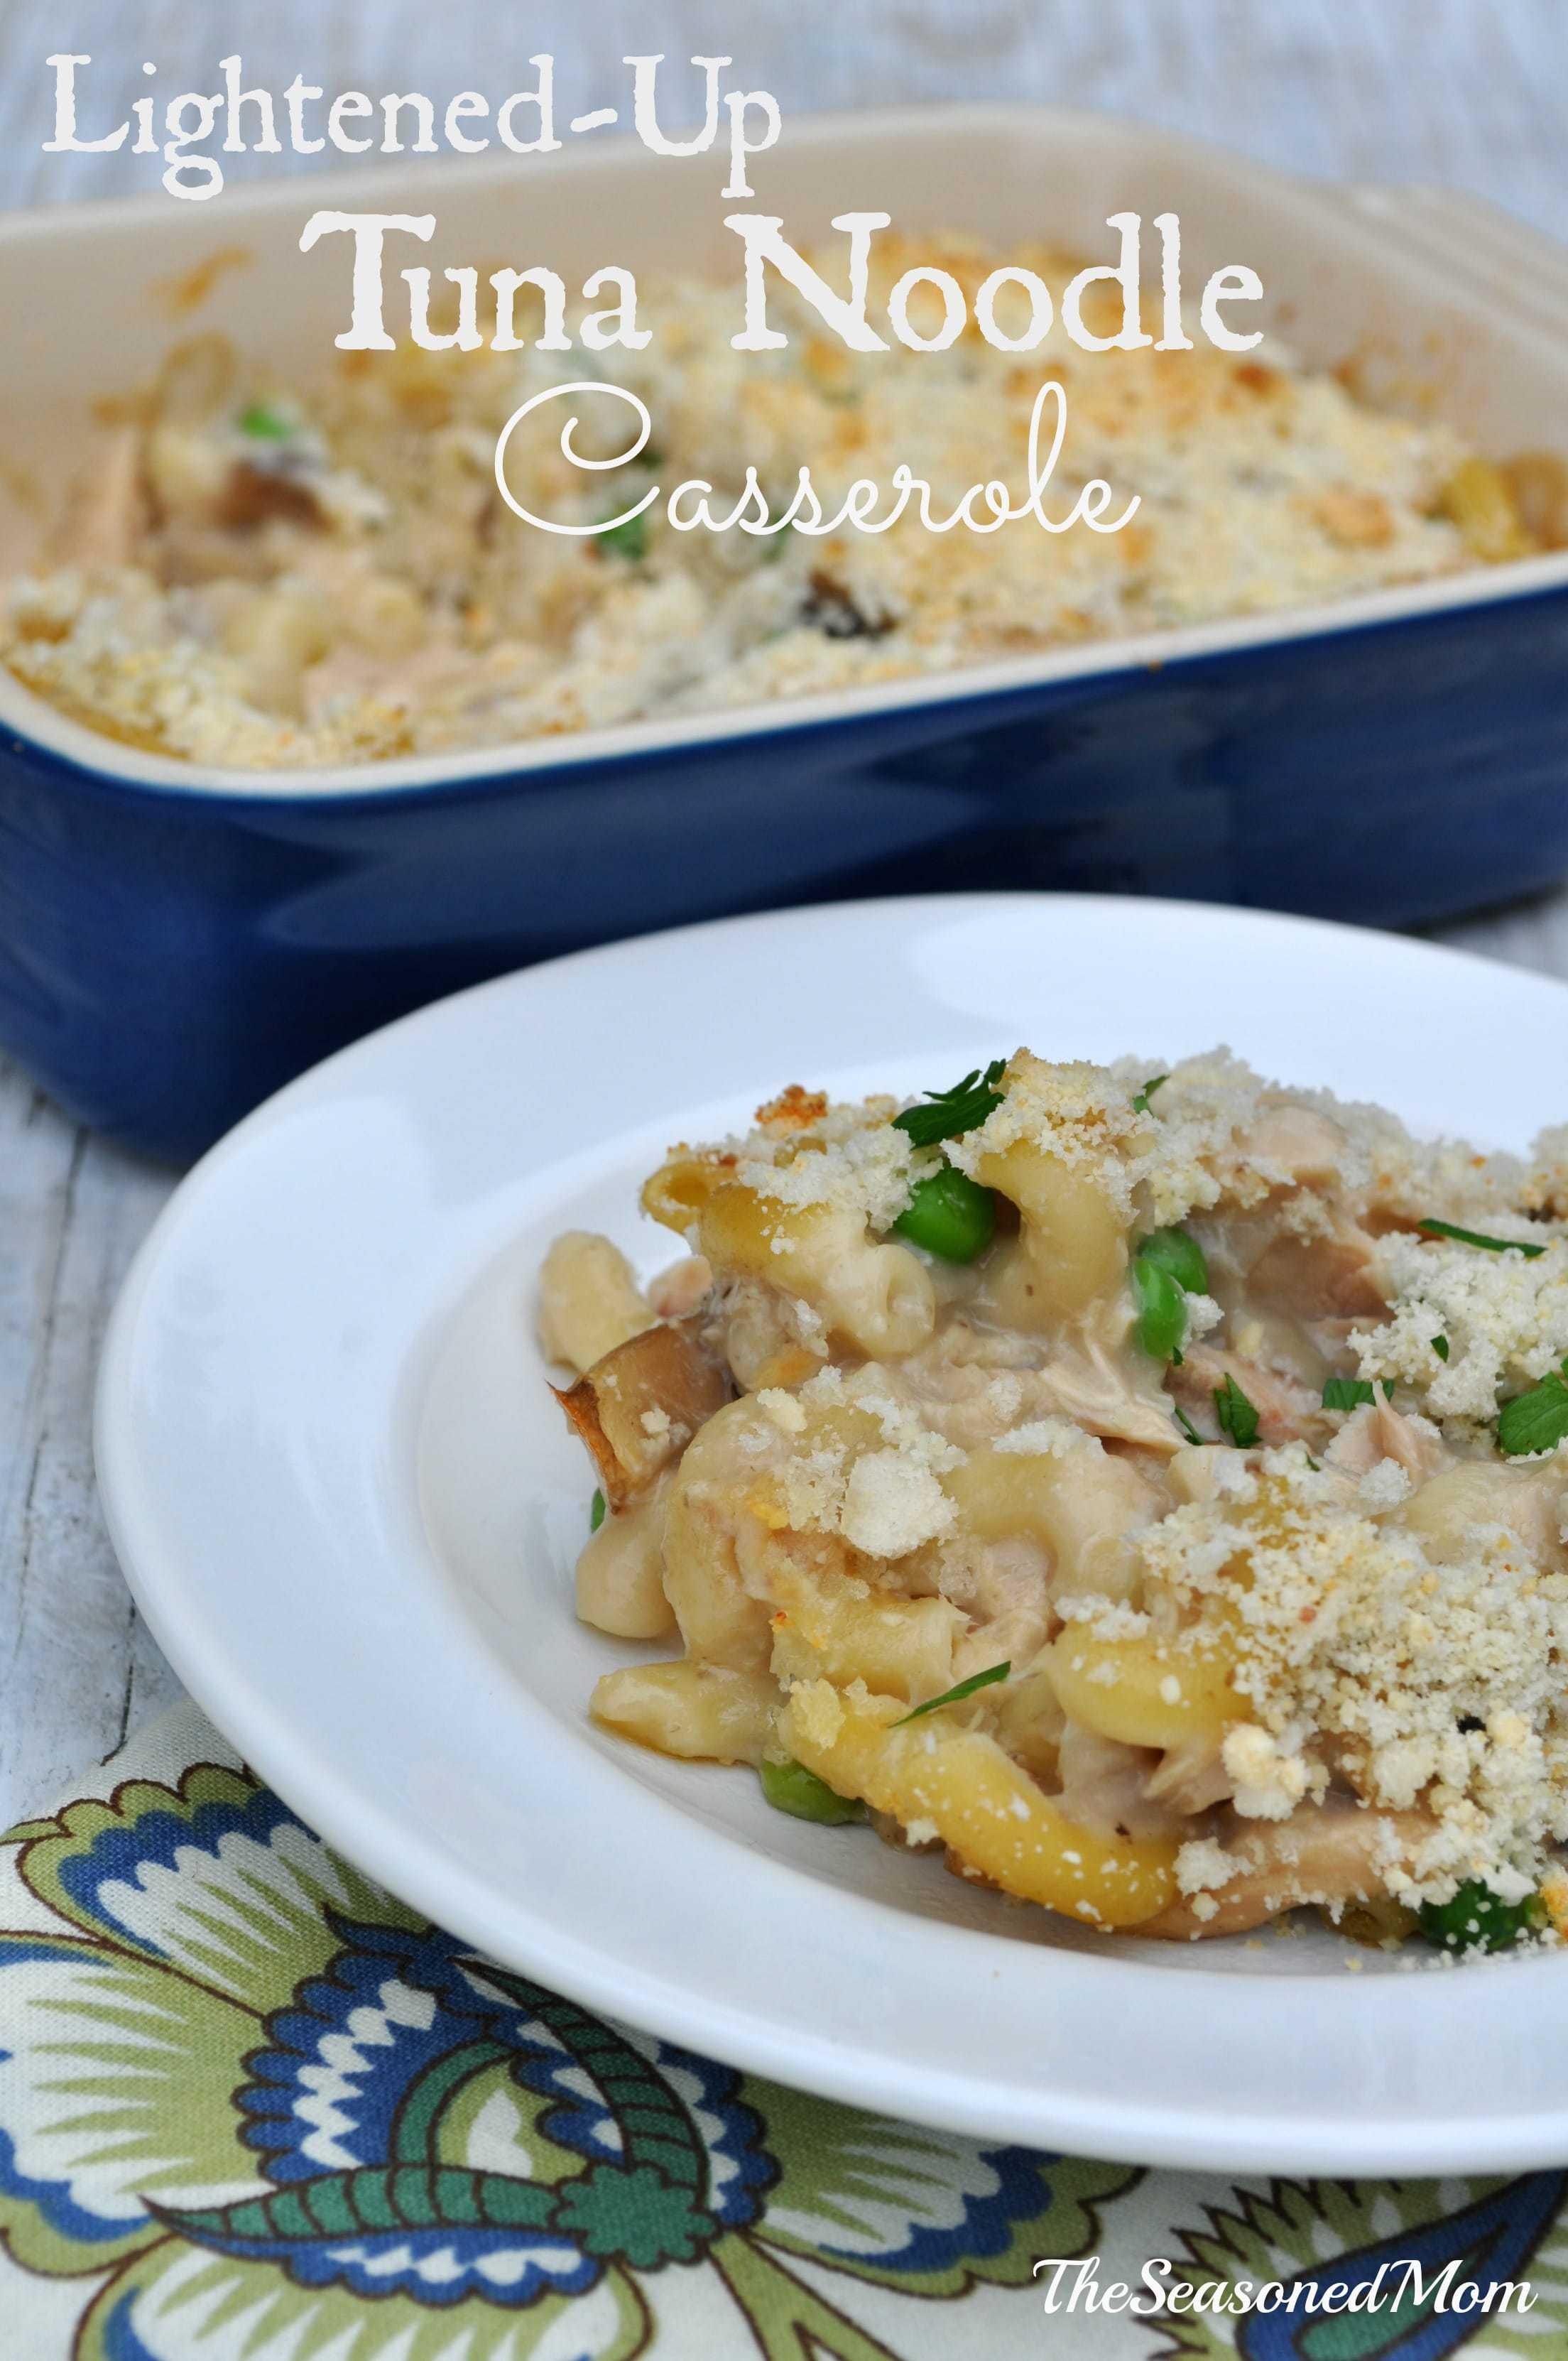 Lightened Up Tuna Noodle Casserole